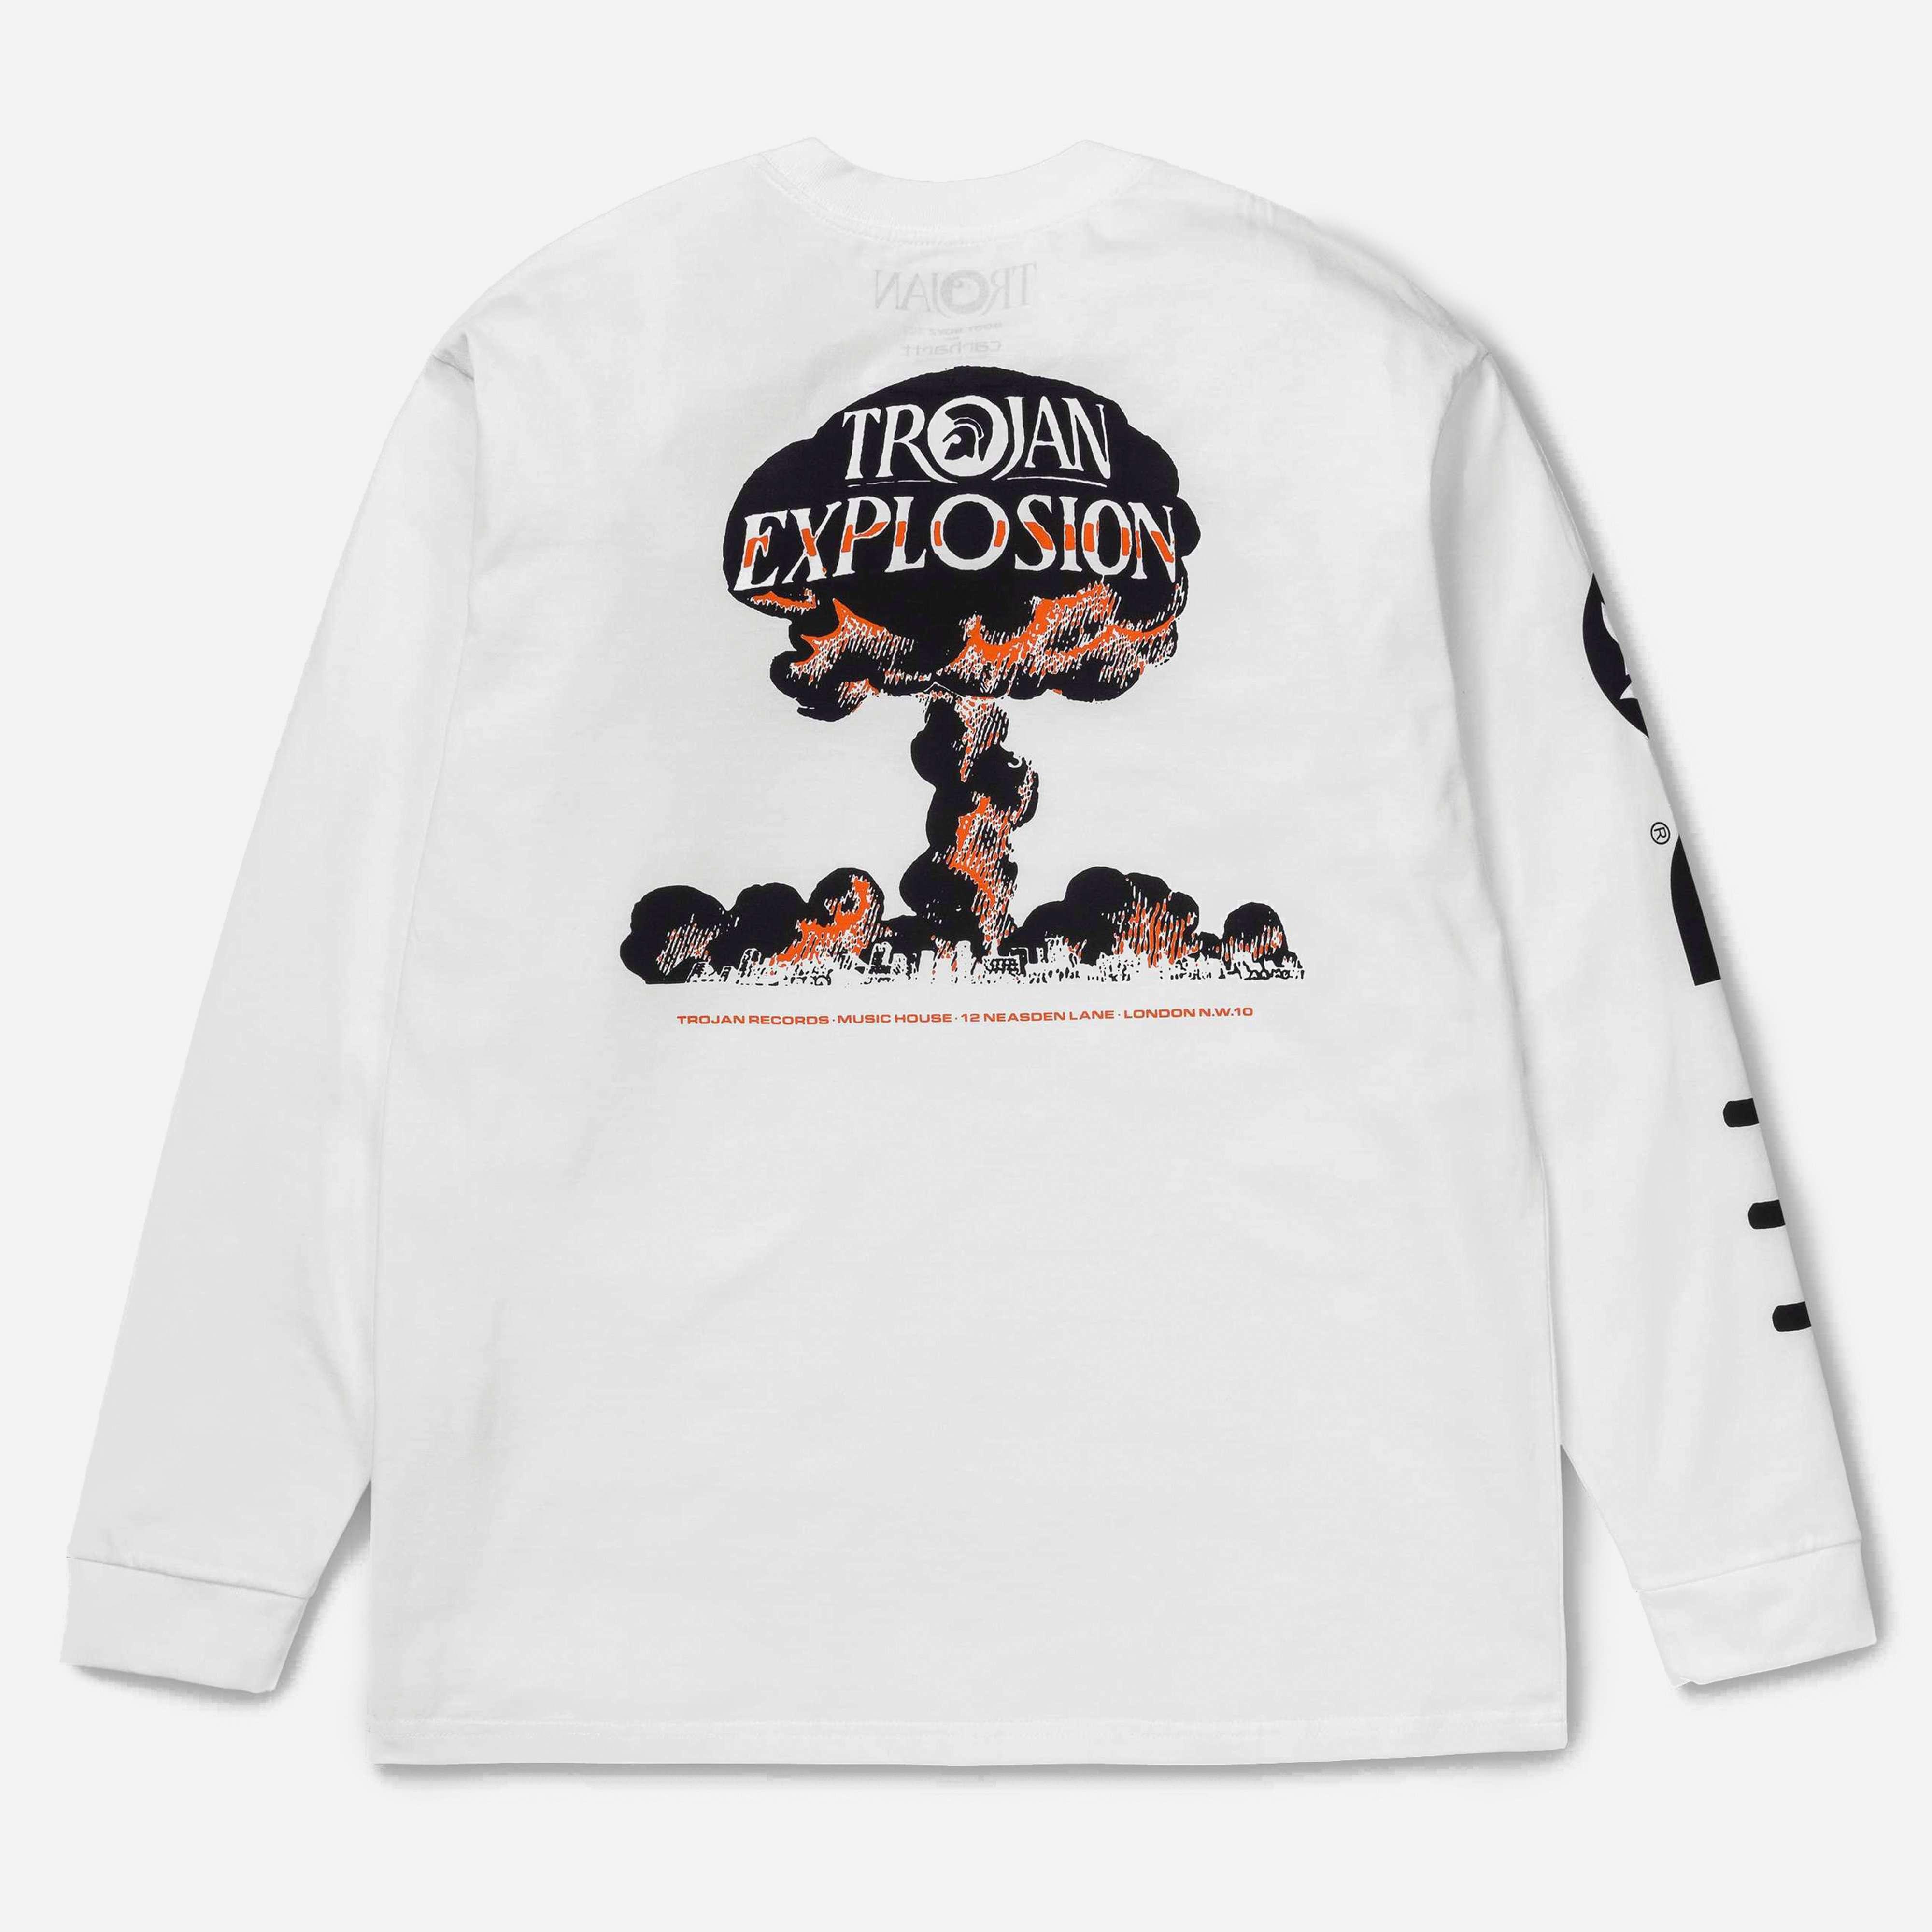 Carhartt WIP x Trojan Records LS Trojan Explosion T-shirt